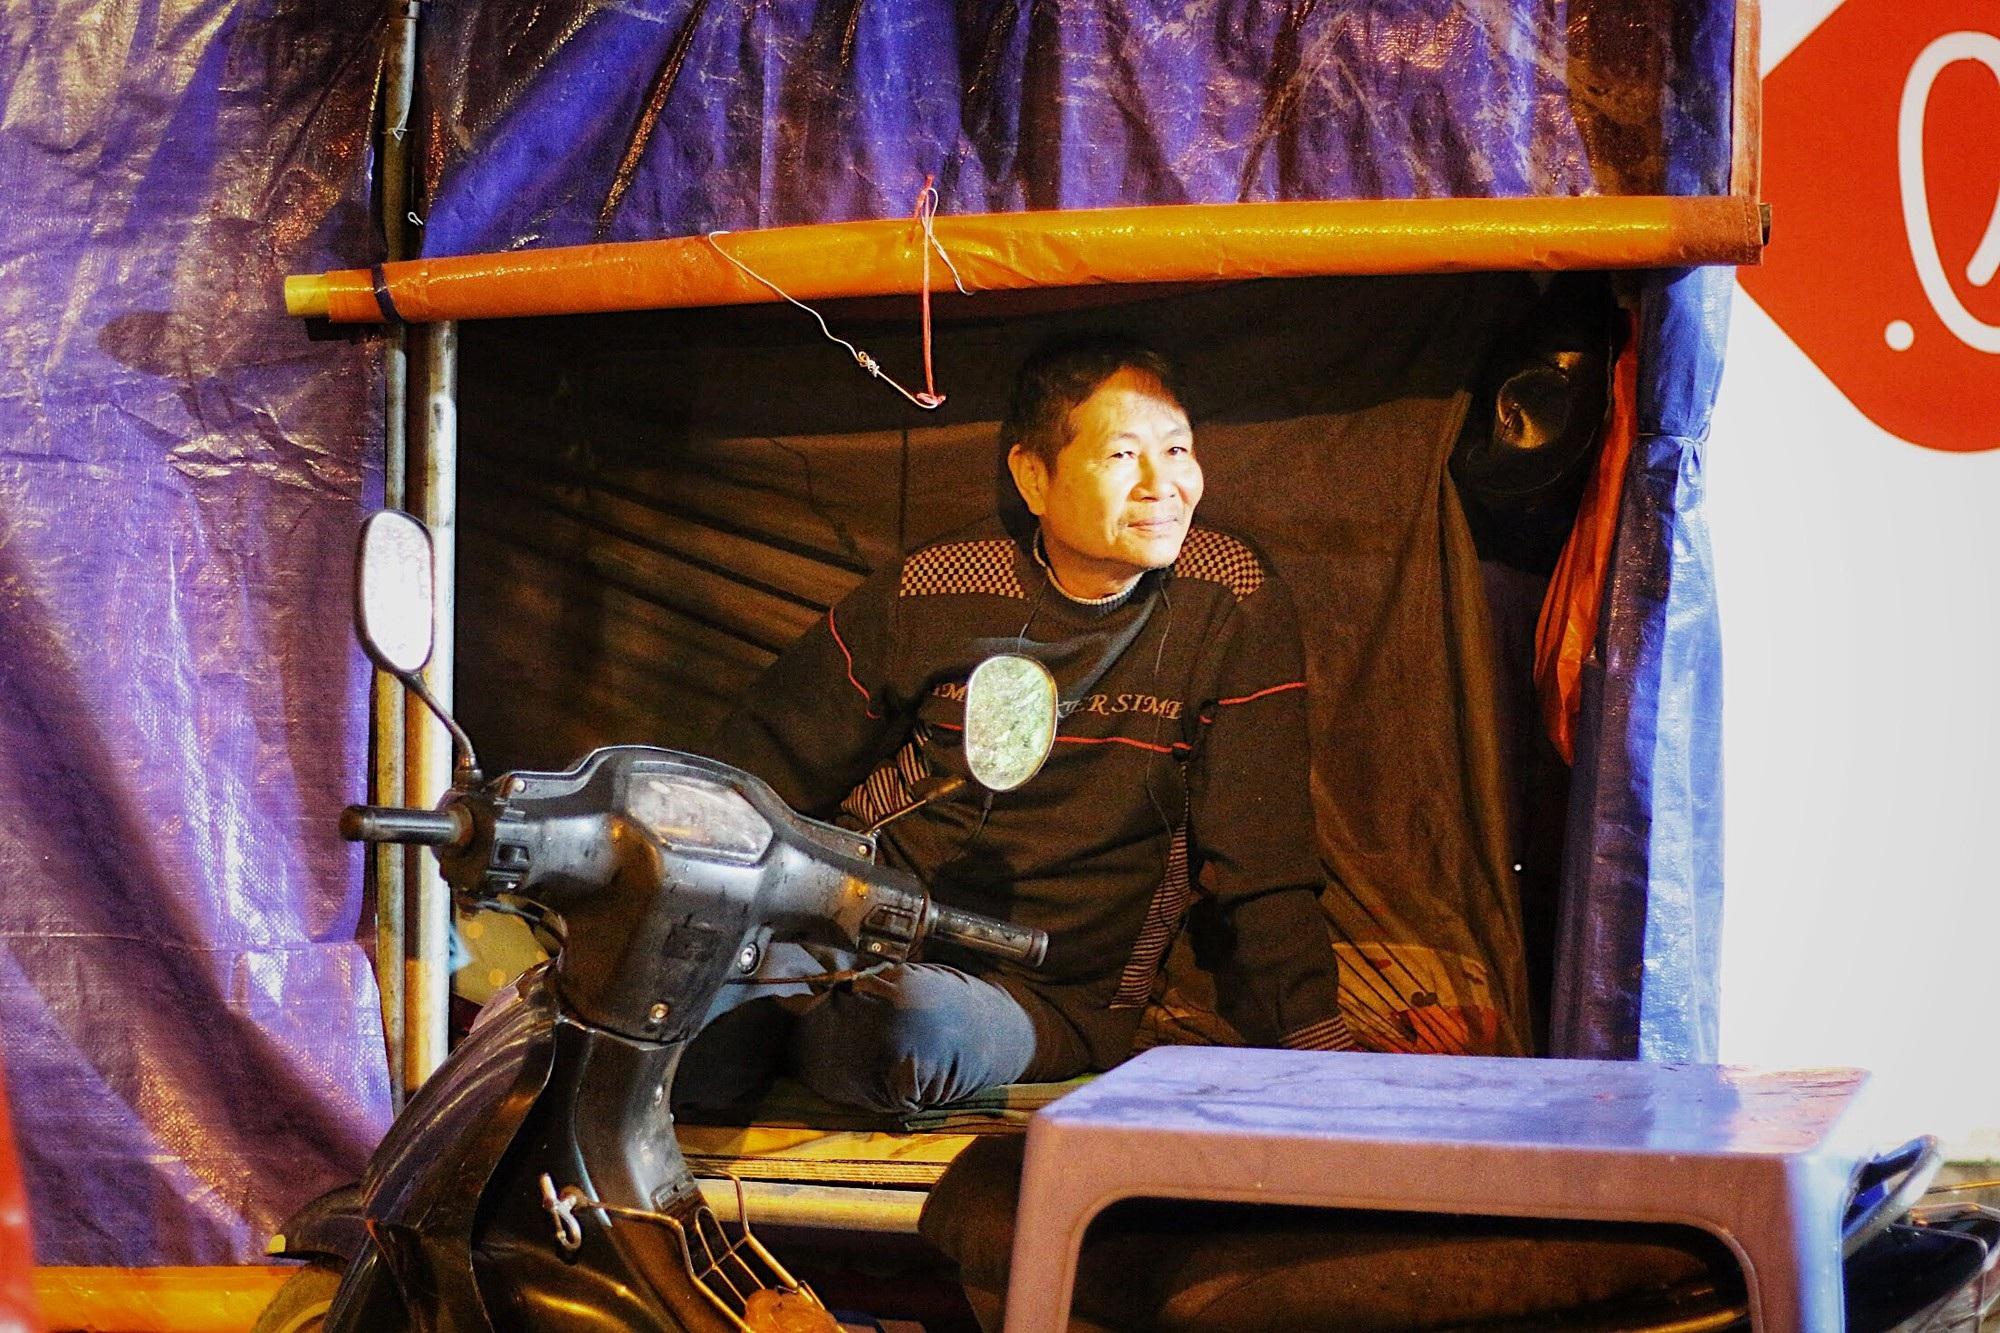 Lo mất trộm, người Hà Nội dựng lều đốt lửa trông đào xuyên đêm - Ảnh 10.